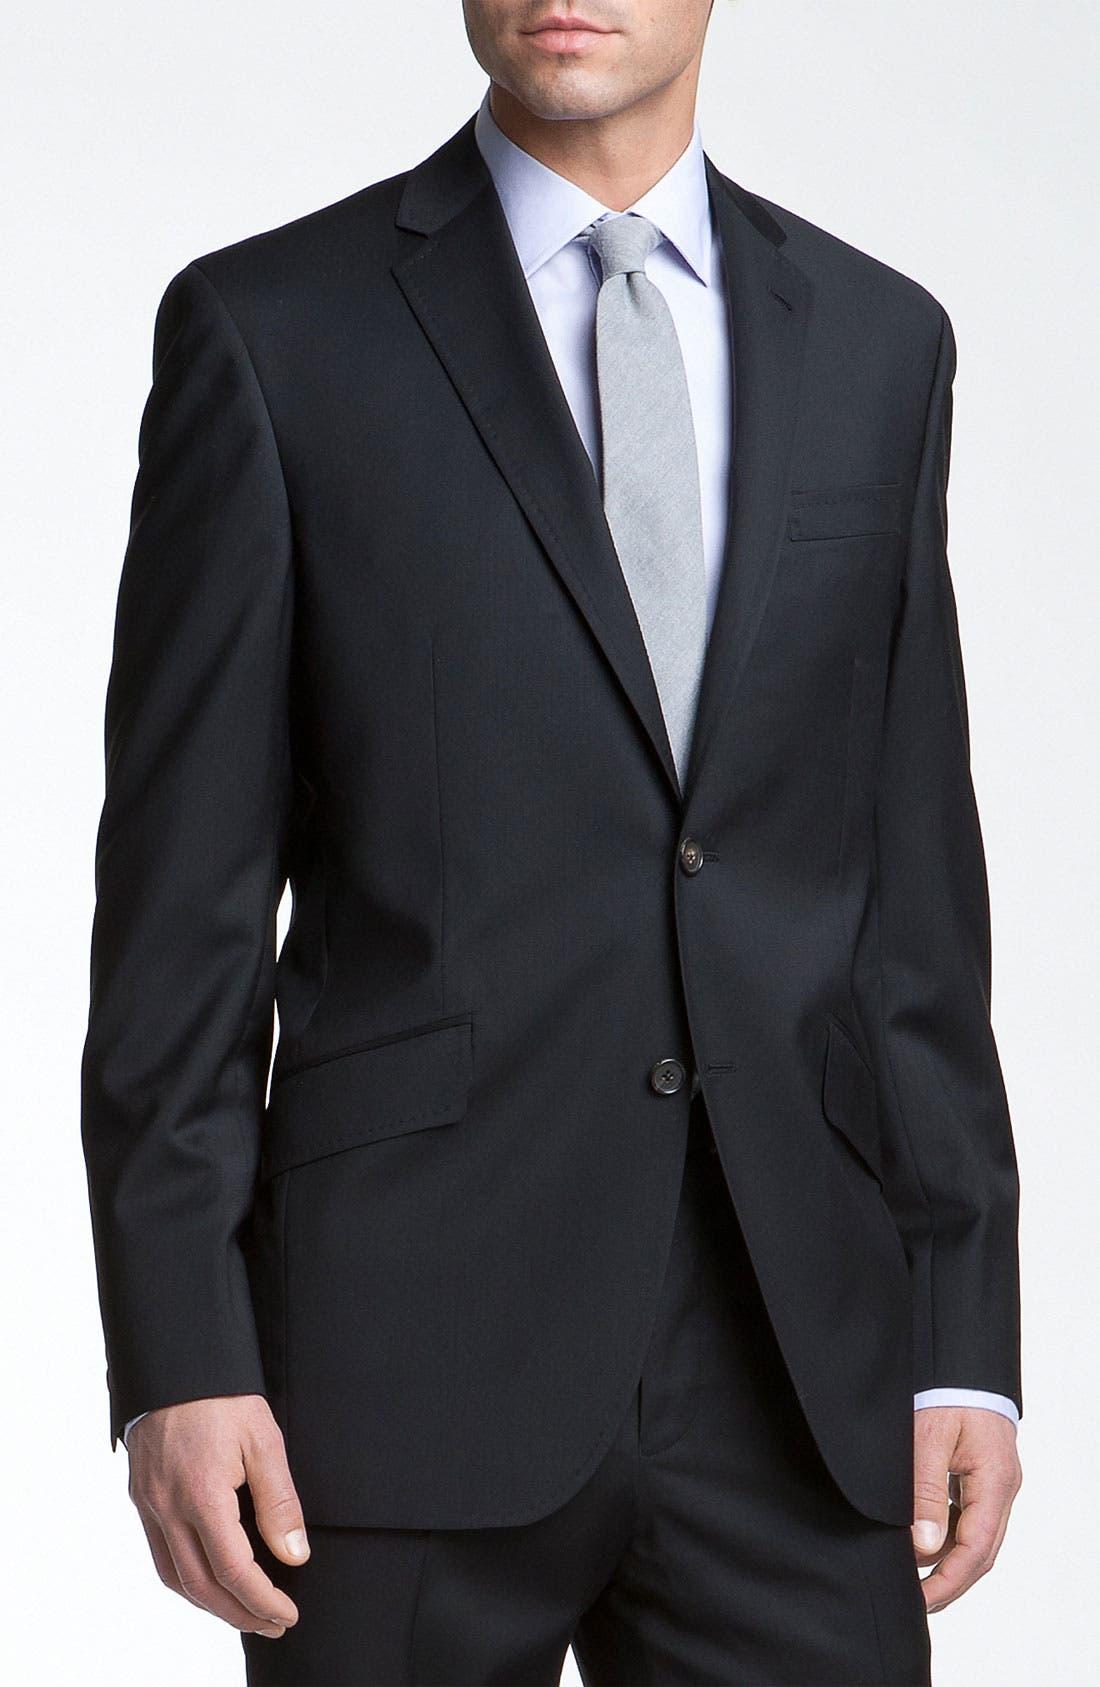 Jones Trim Fit Wool Suit,                             Alternate thumbnail 12, color,                             001